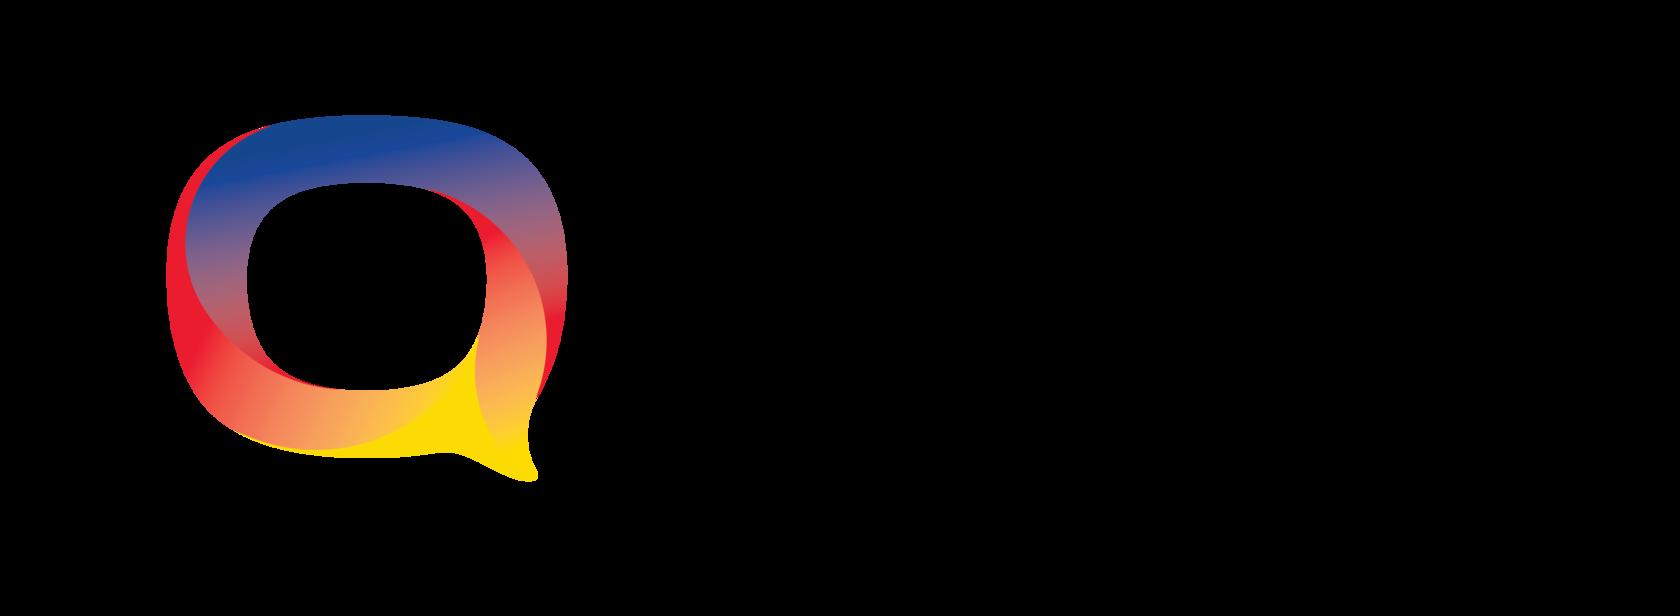 С 26 по 30 ноября пройдет бесплатный тренинг «Азбука предпринимателя»